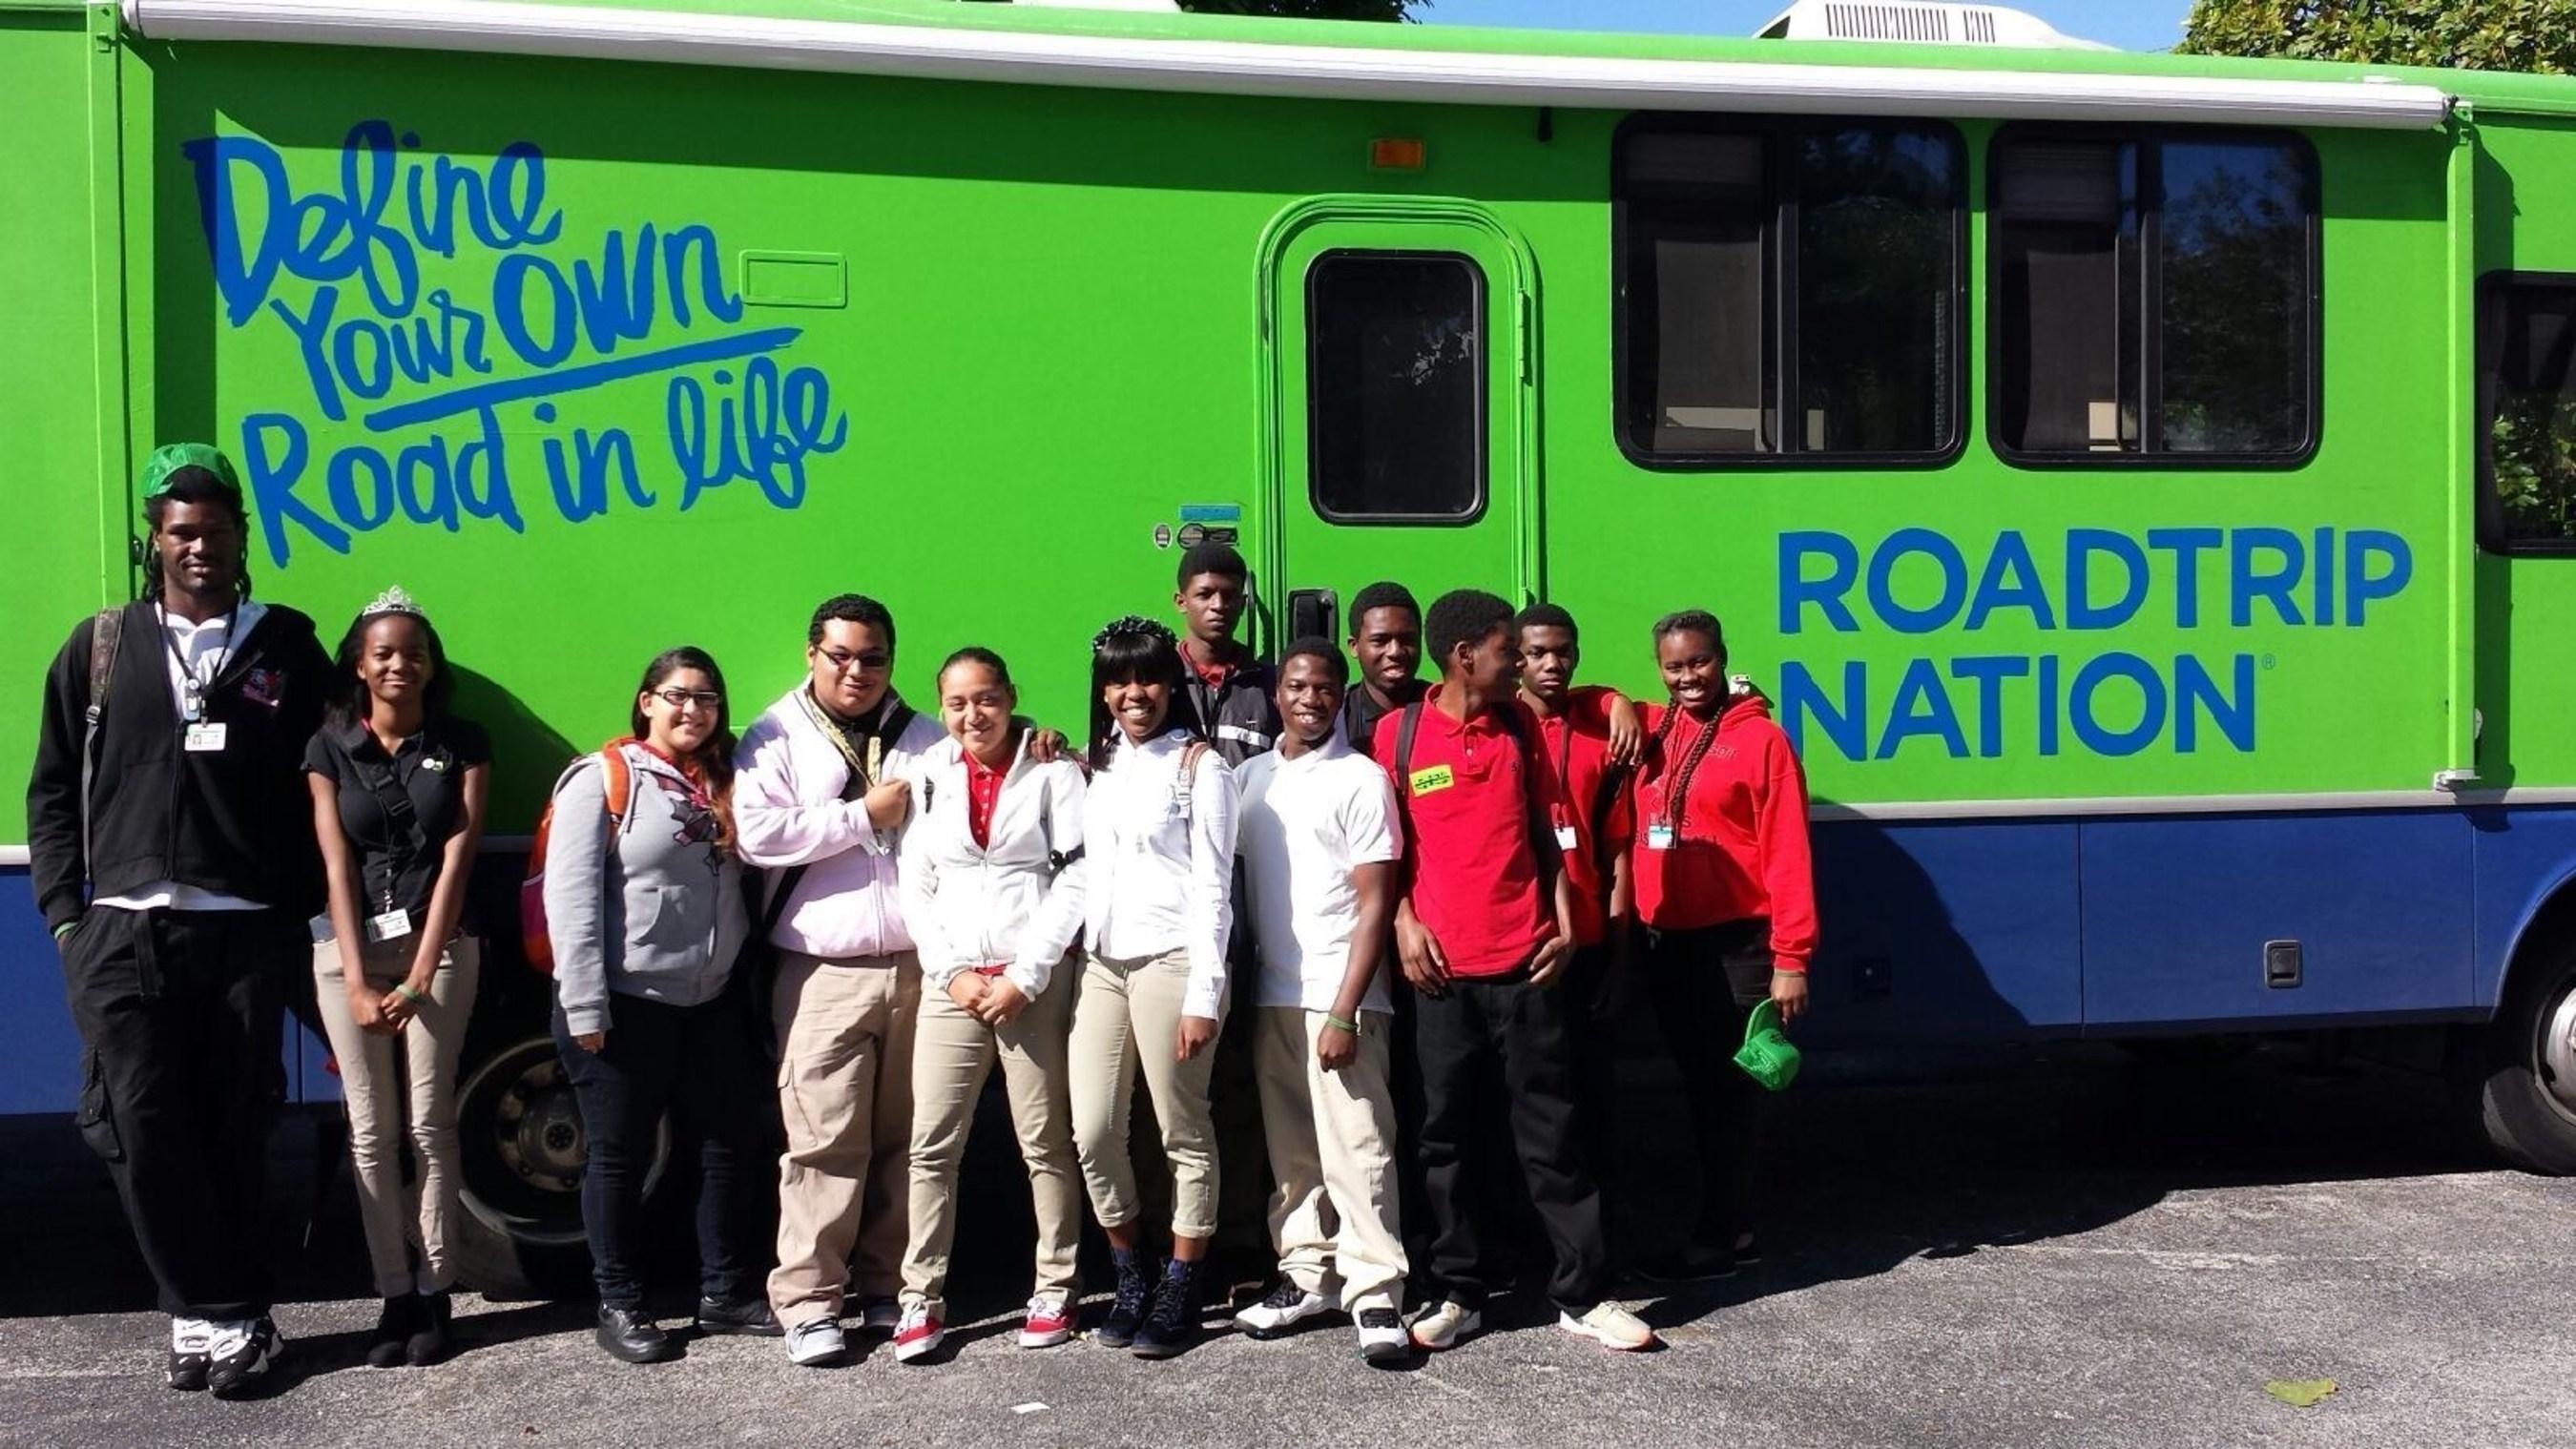 take stock in children partners roadtrip nation to drive take stock in children hosts student career exploration roadtrip nation in miami